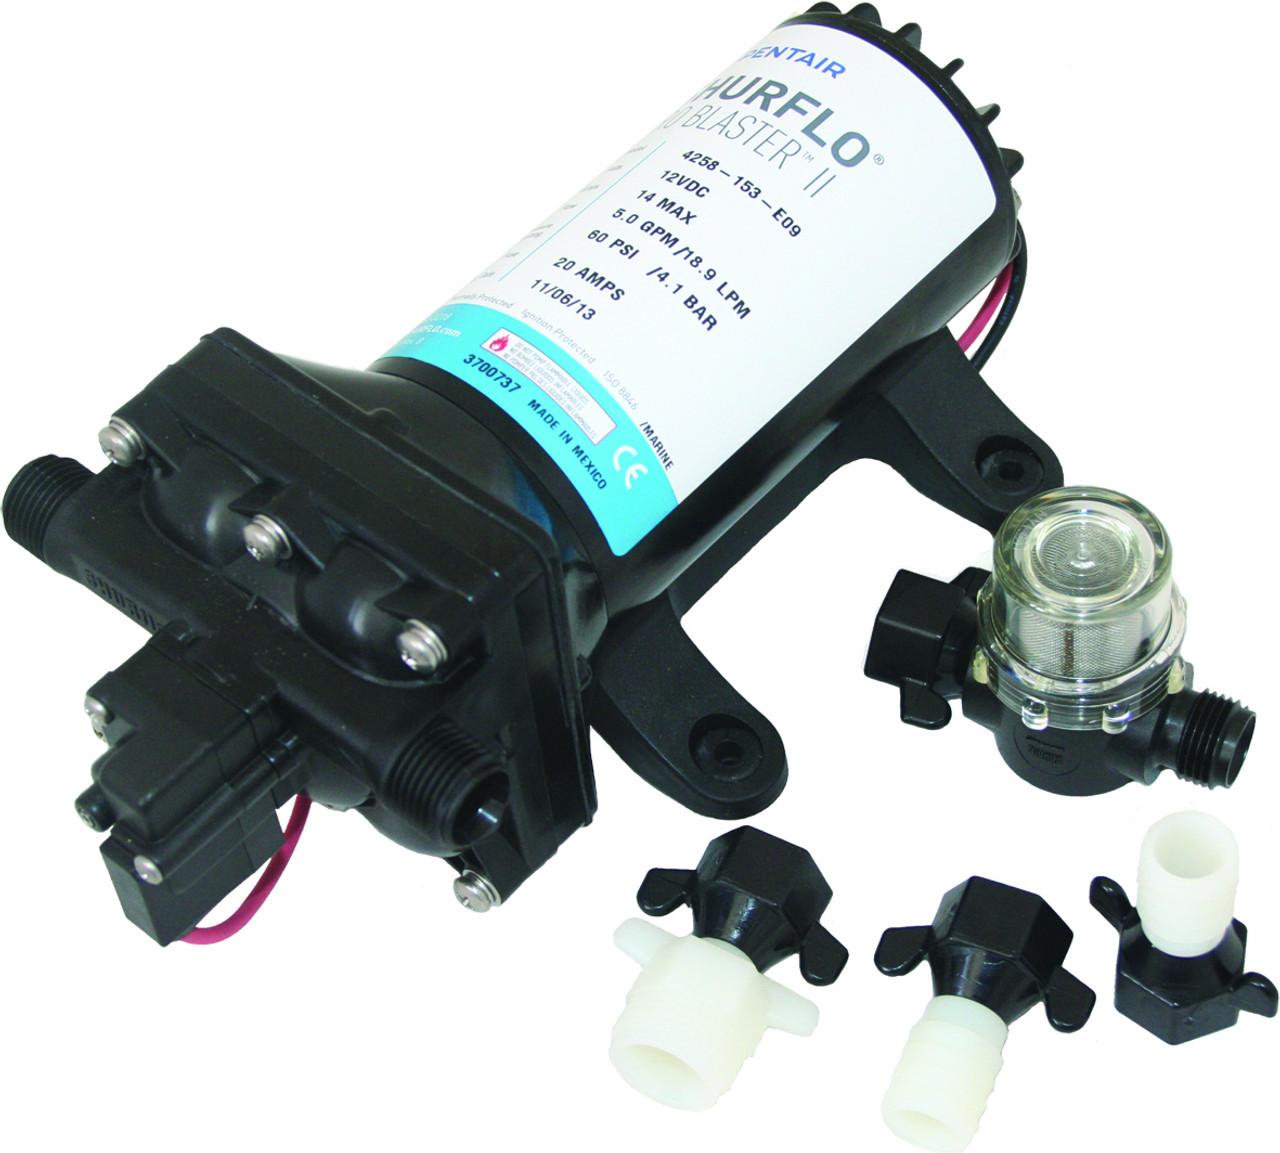 SHURflo 4.0 Pro-Baitmaster 2 Premium Pump - 12v